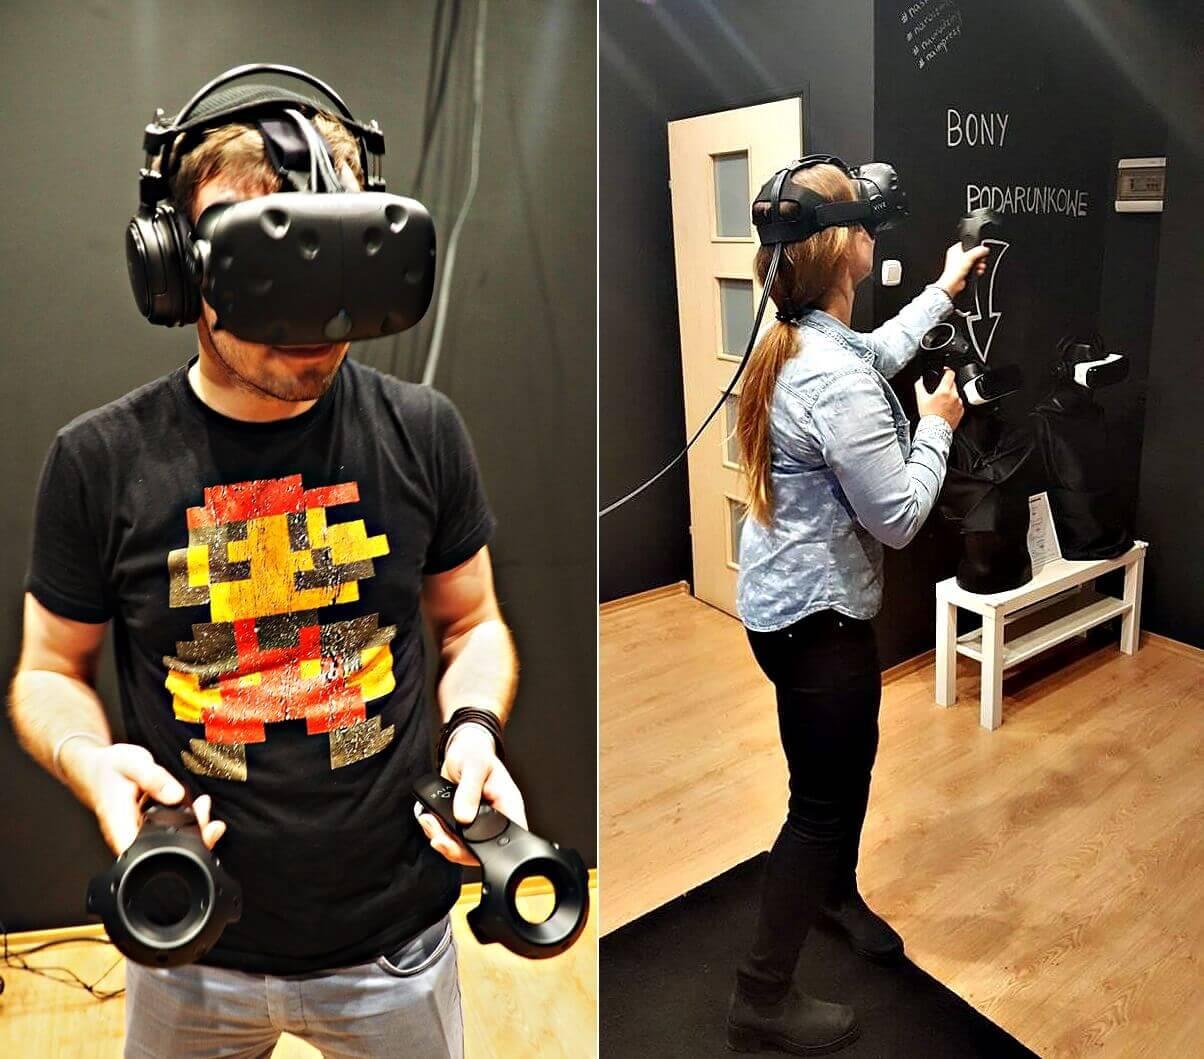 chłopak idziewczyna wsalonie wirtualnej rzeczywistości